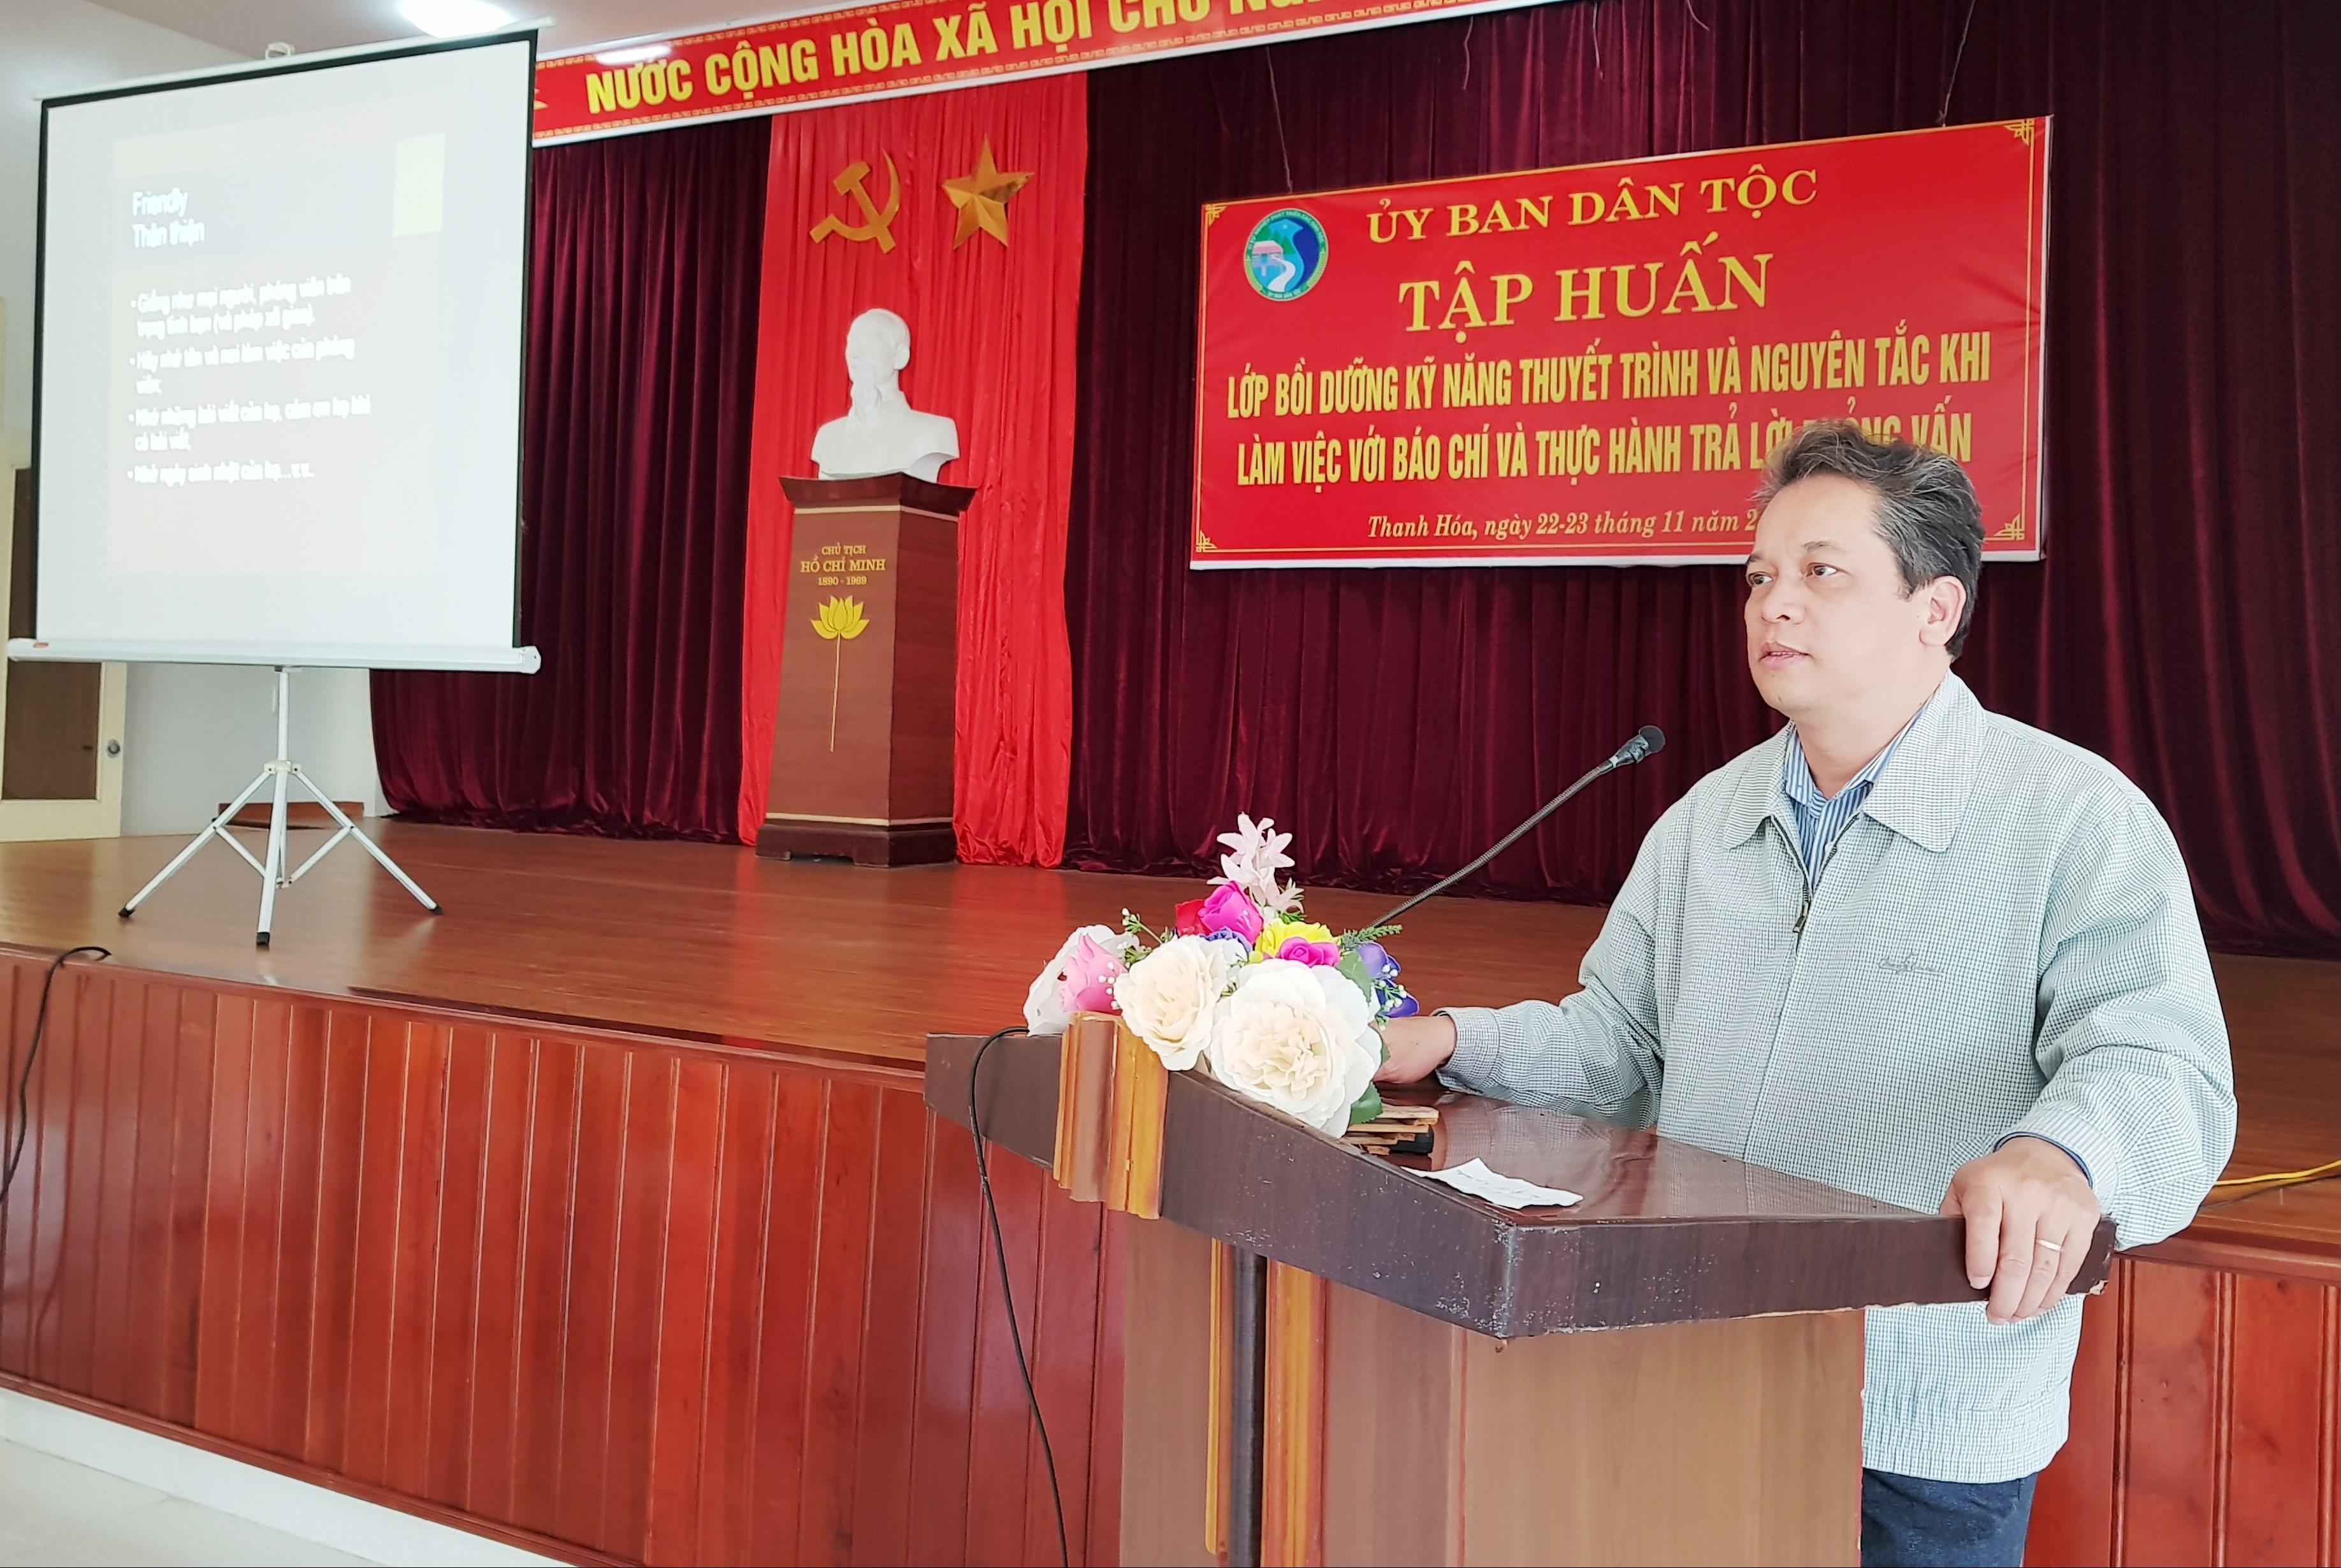 Phó Vụ trưởng Vụ Tổ chức cán bộ UBDT Phạm Thúc Thủy phát biểu khai mạc lớp tập huấn